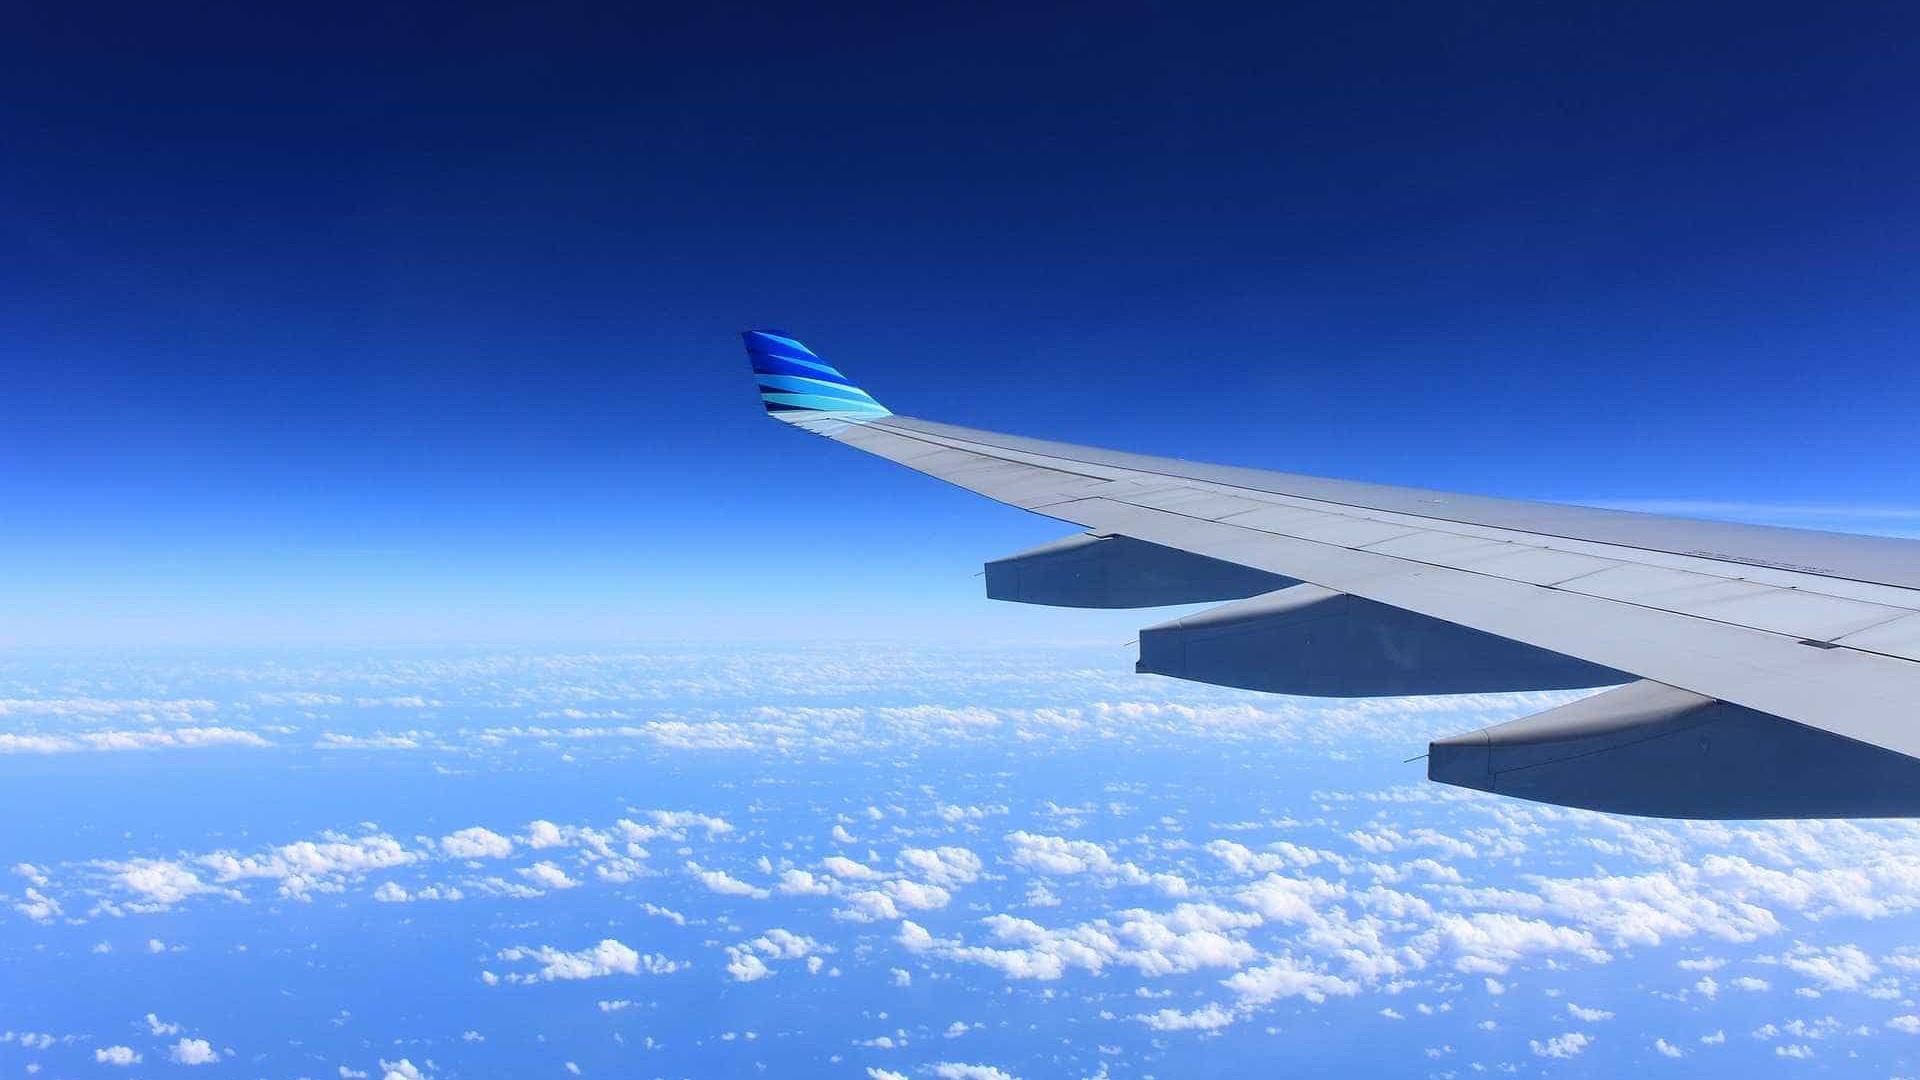 Companhias cobram mais de R$ 100 para marcar poltrona em voos